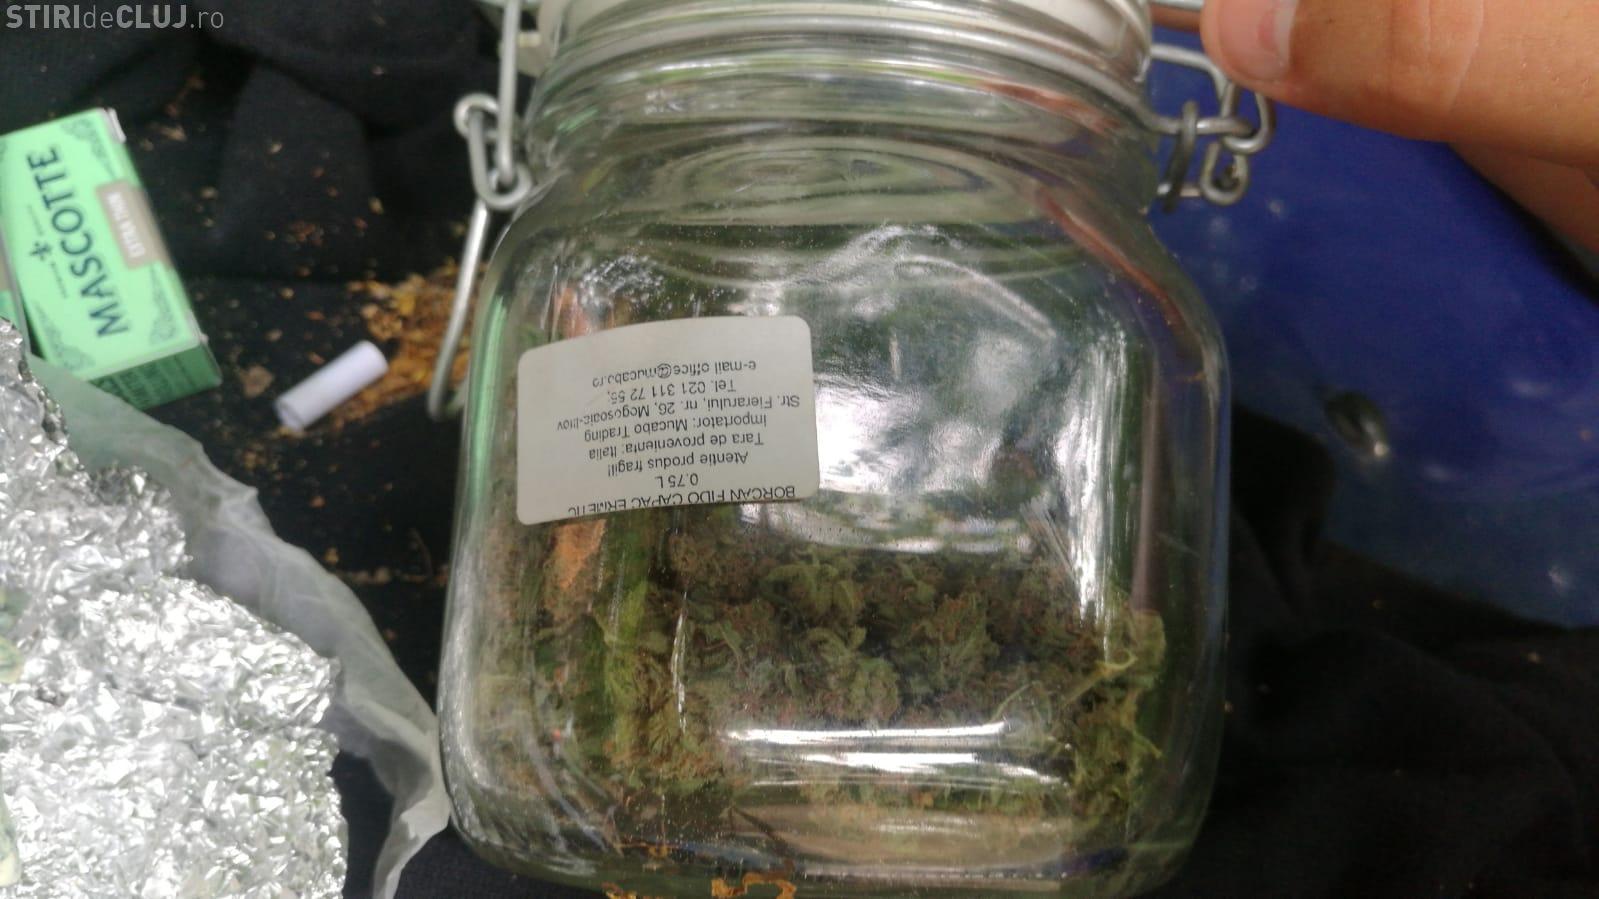 Tineri prinși cu droguri asupra lor, în Pădurea Hoia-Baciu. Jandarmii au ridicat un borcan plin cu muguri de cannabis FOTO